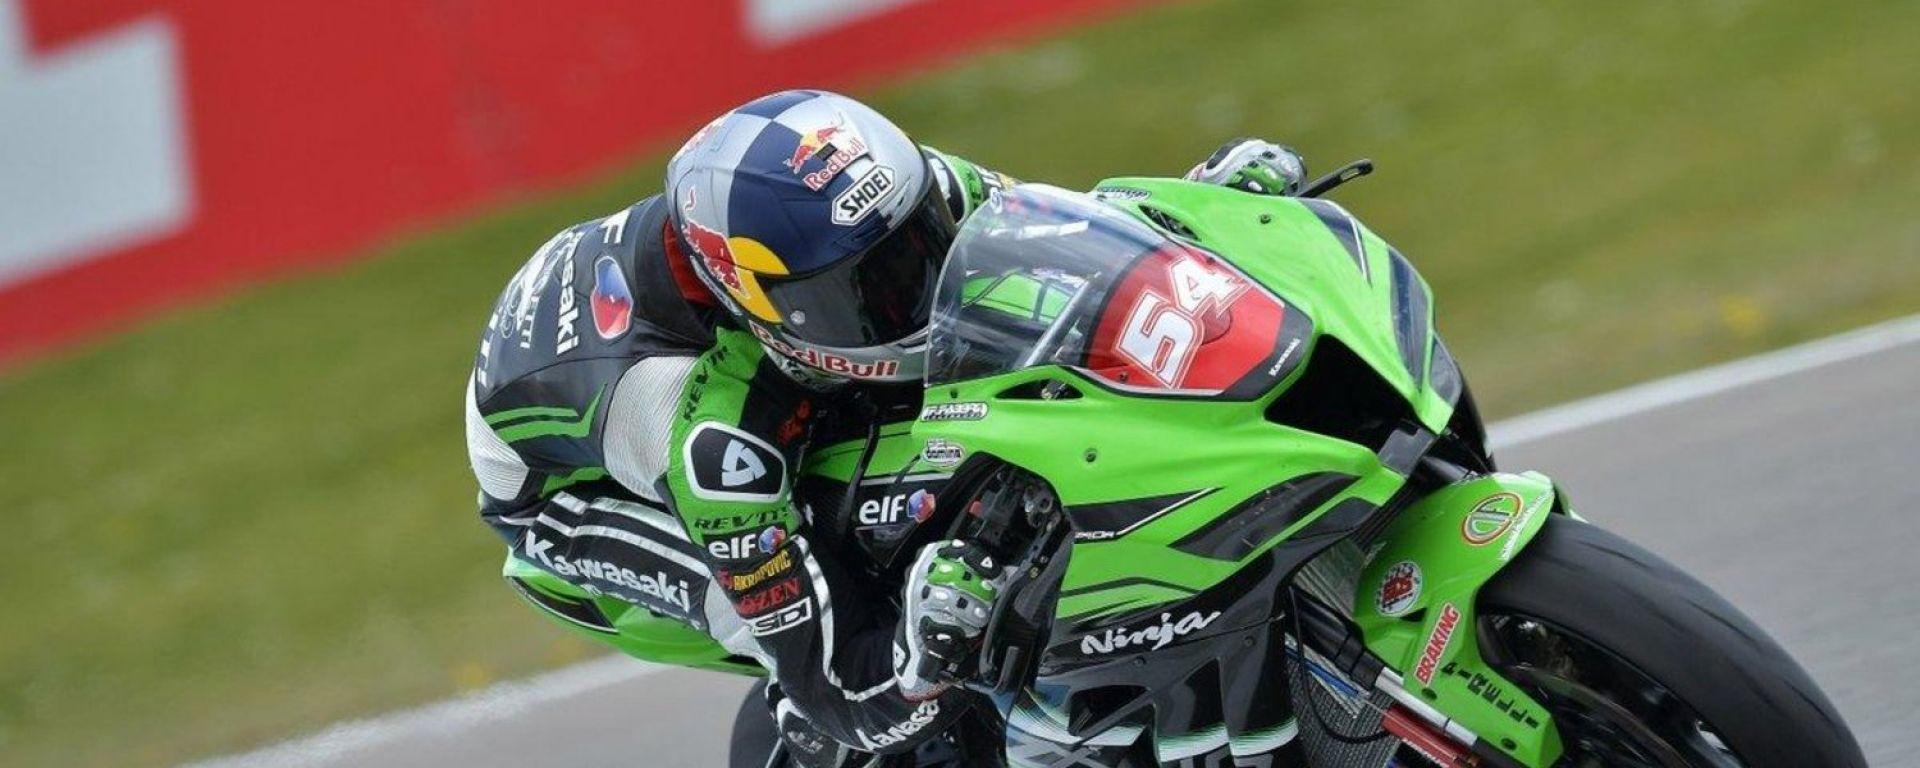 Kawasaki Puccetti Racing Superbike